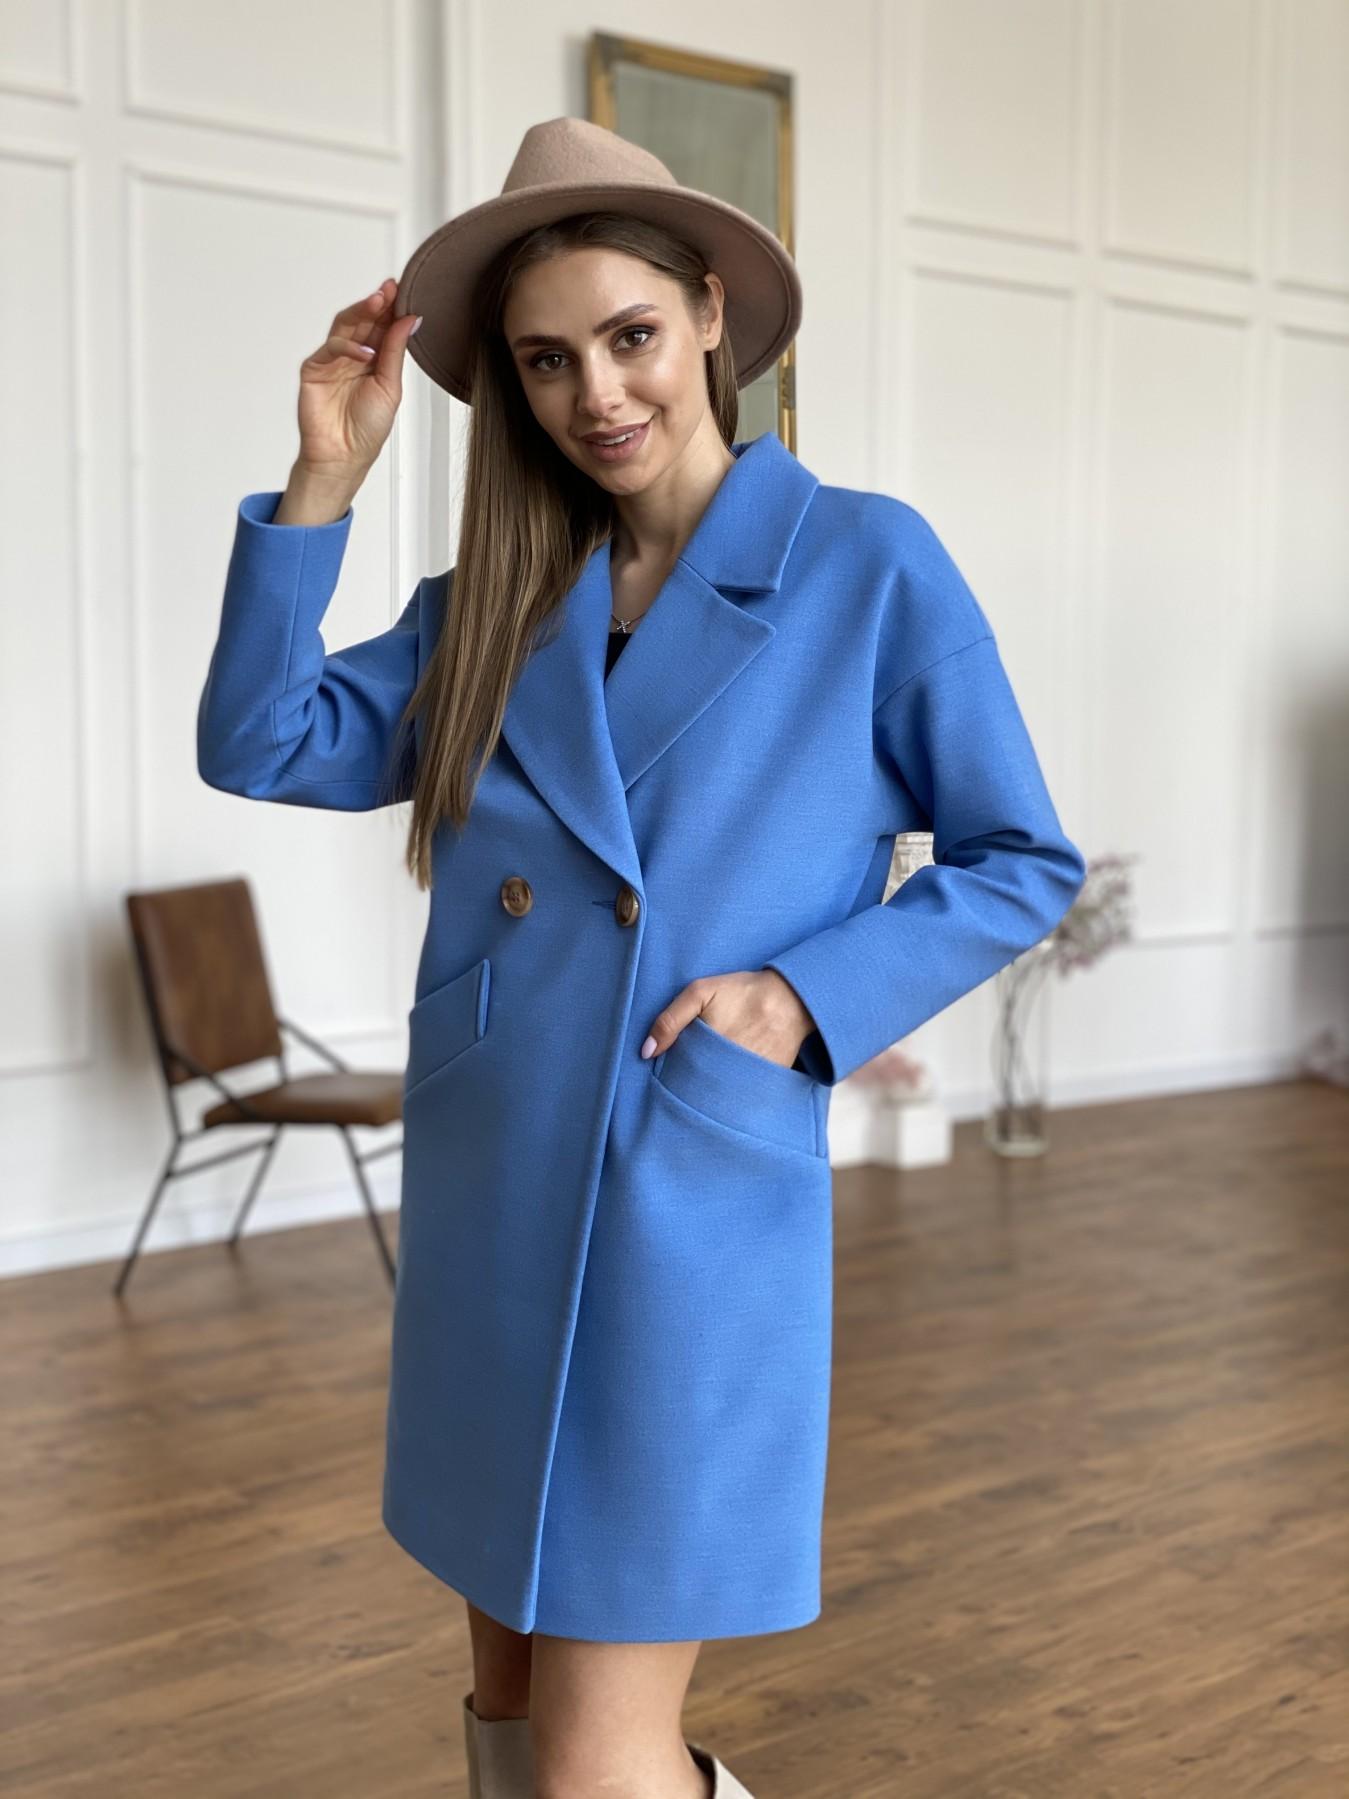 Сенсей пальто из кашемира 10572 АРТ. 47572 Цвет: Голубой - фото 6, интернет магазин tm-modus.ru